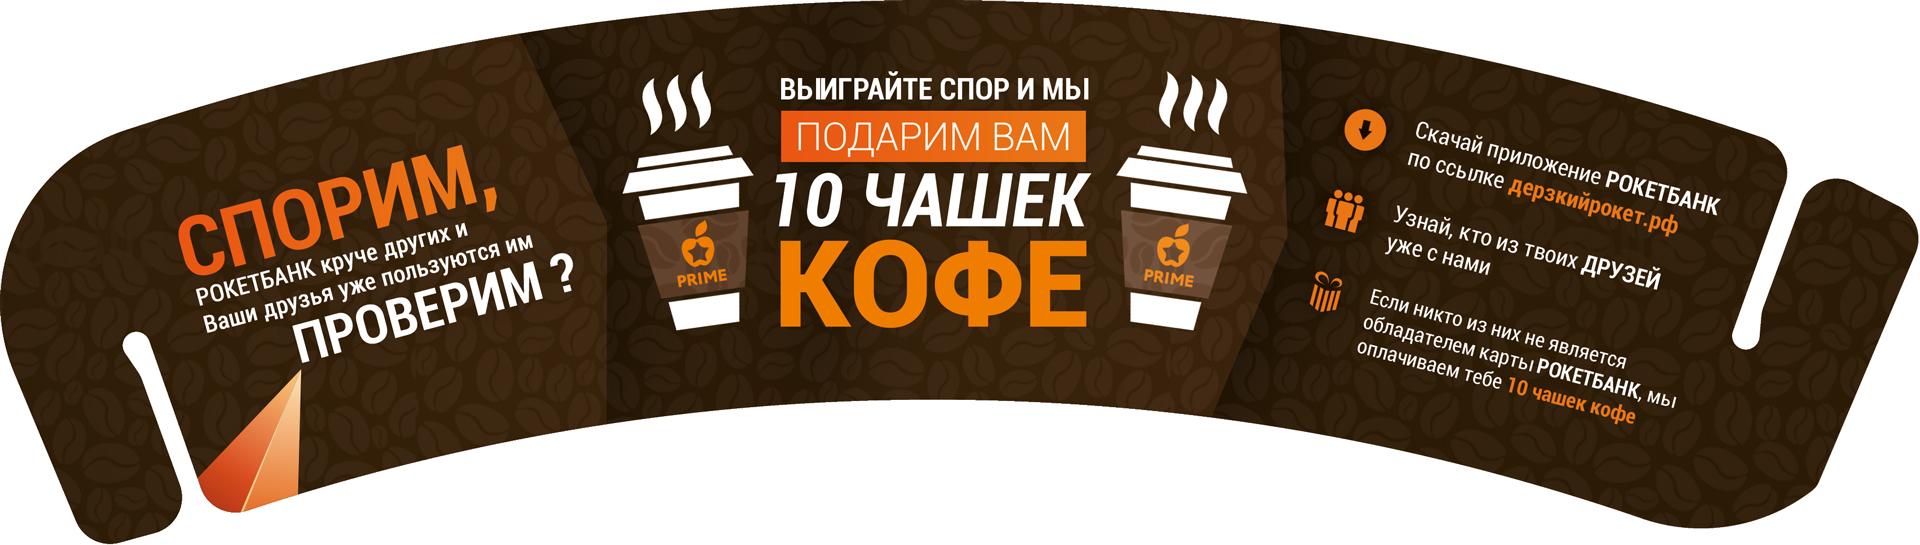 Капхолдеры на кофе для Рокетбанка